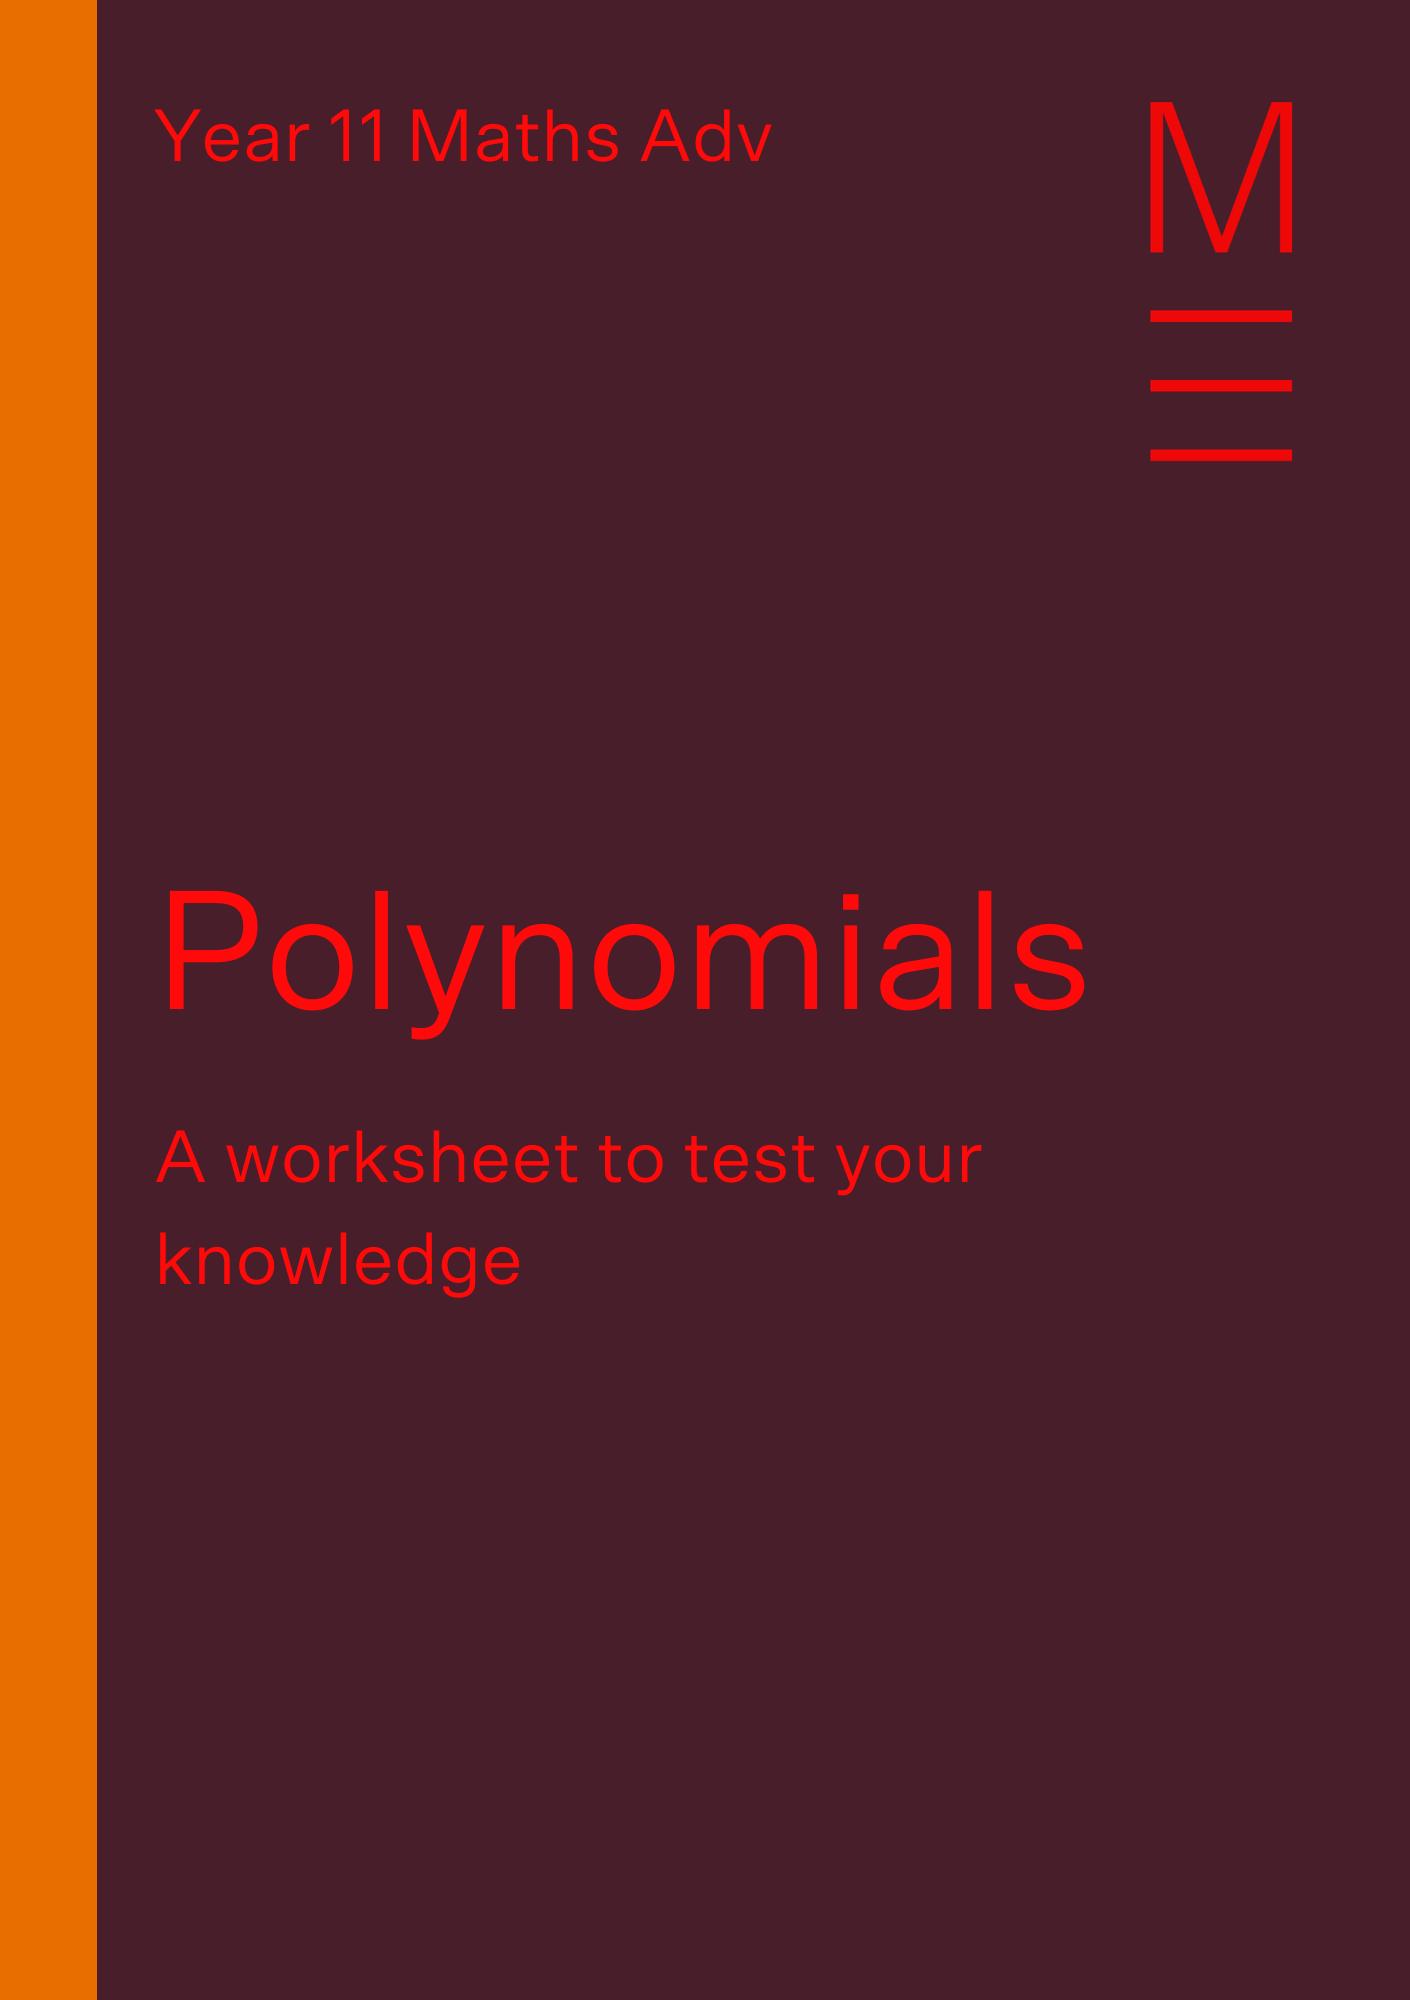 Part 1 Polynomials